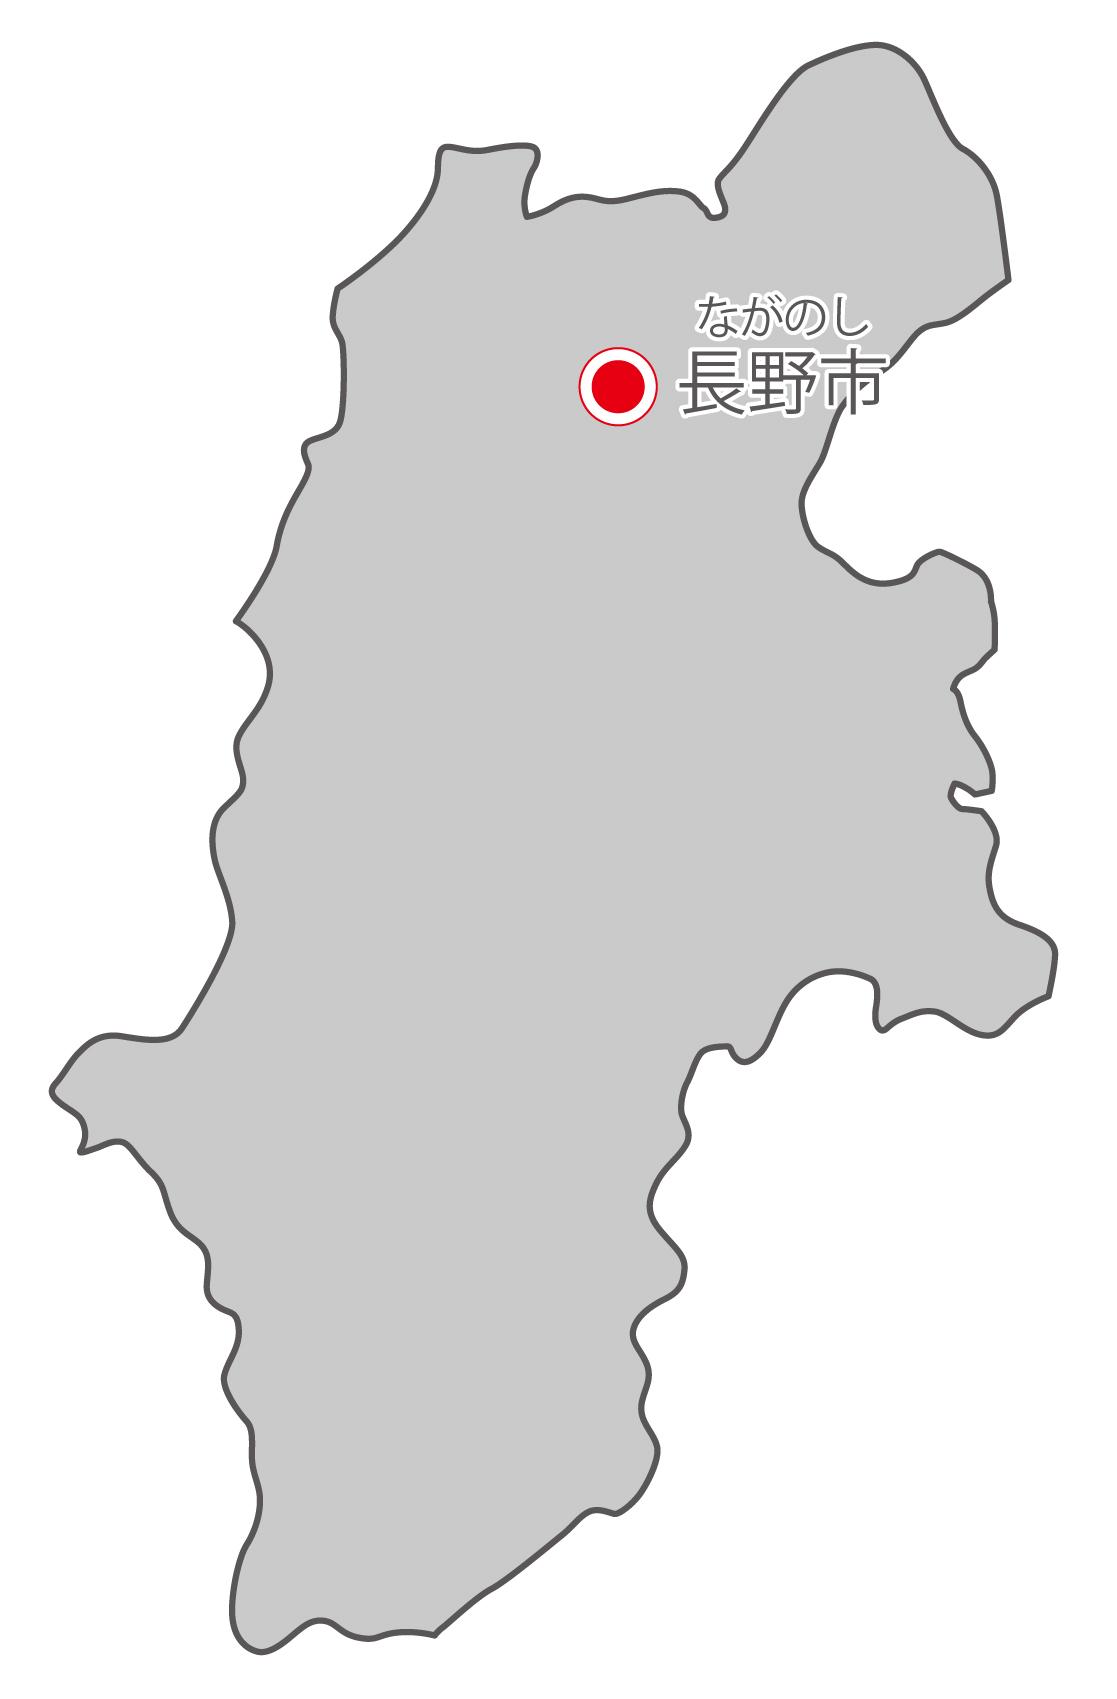 長野県無料フリーイラスト|日本語・県庁所在地あり・ルビあり(グレー)